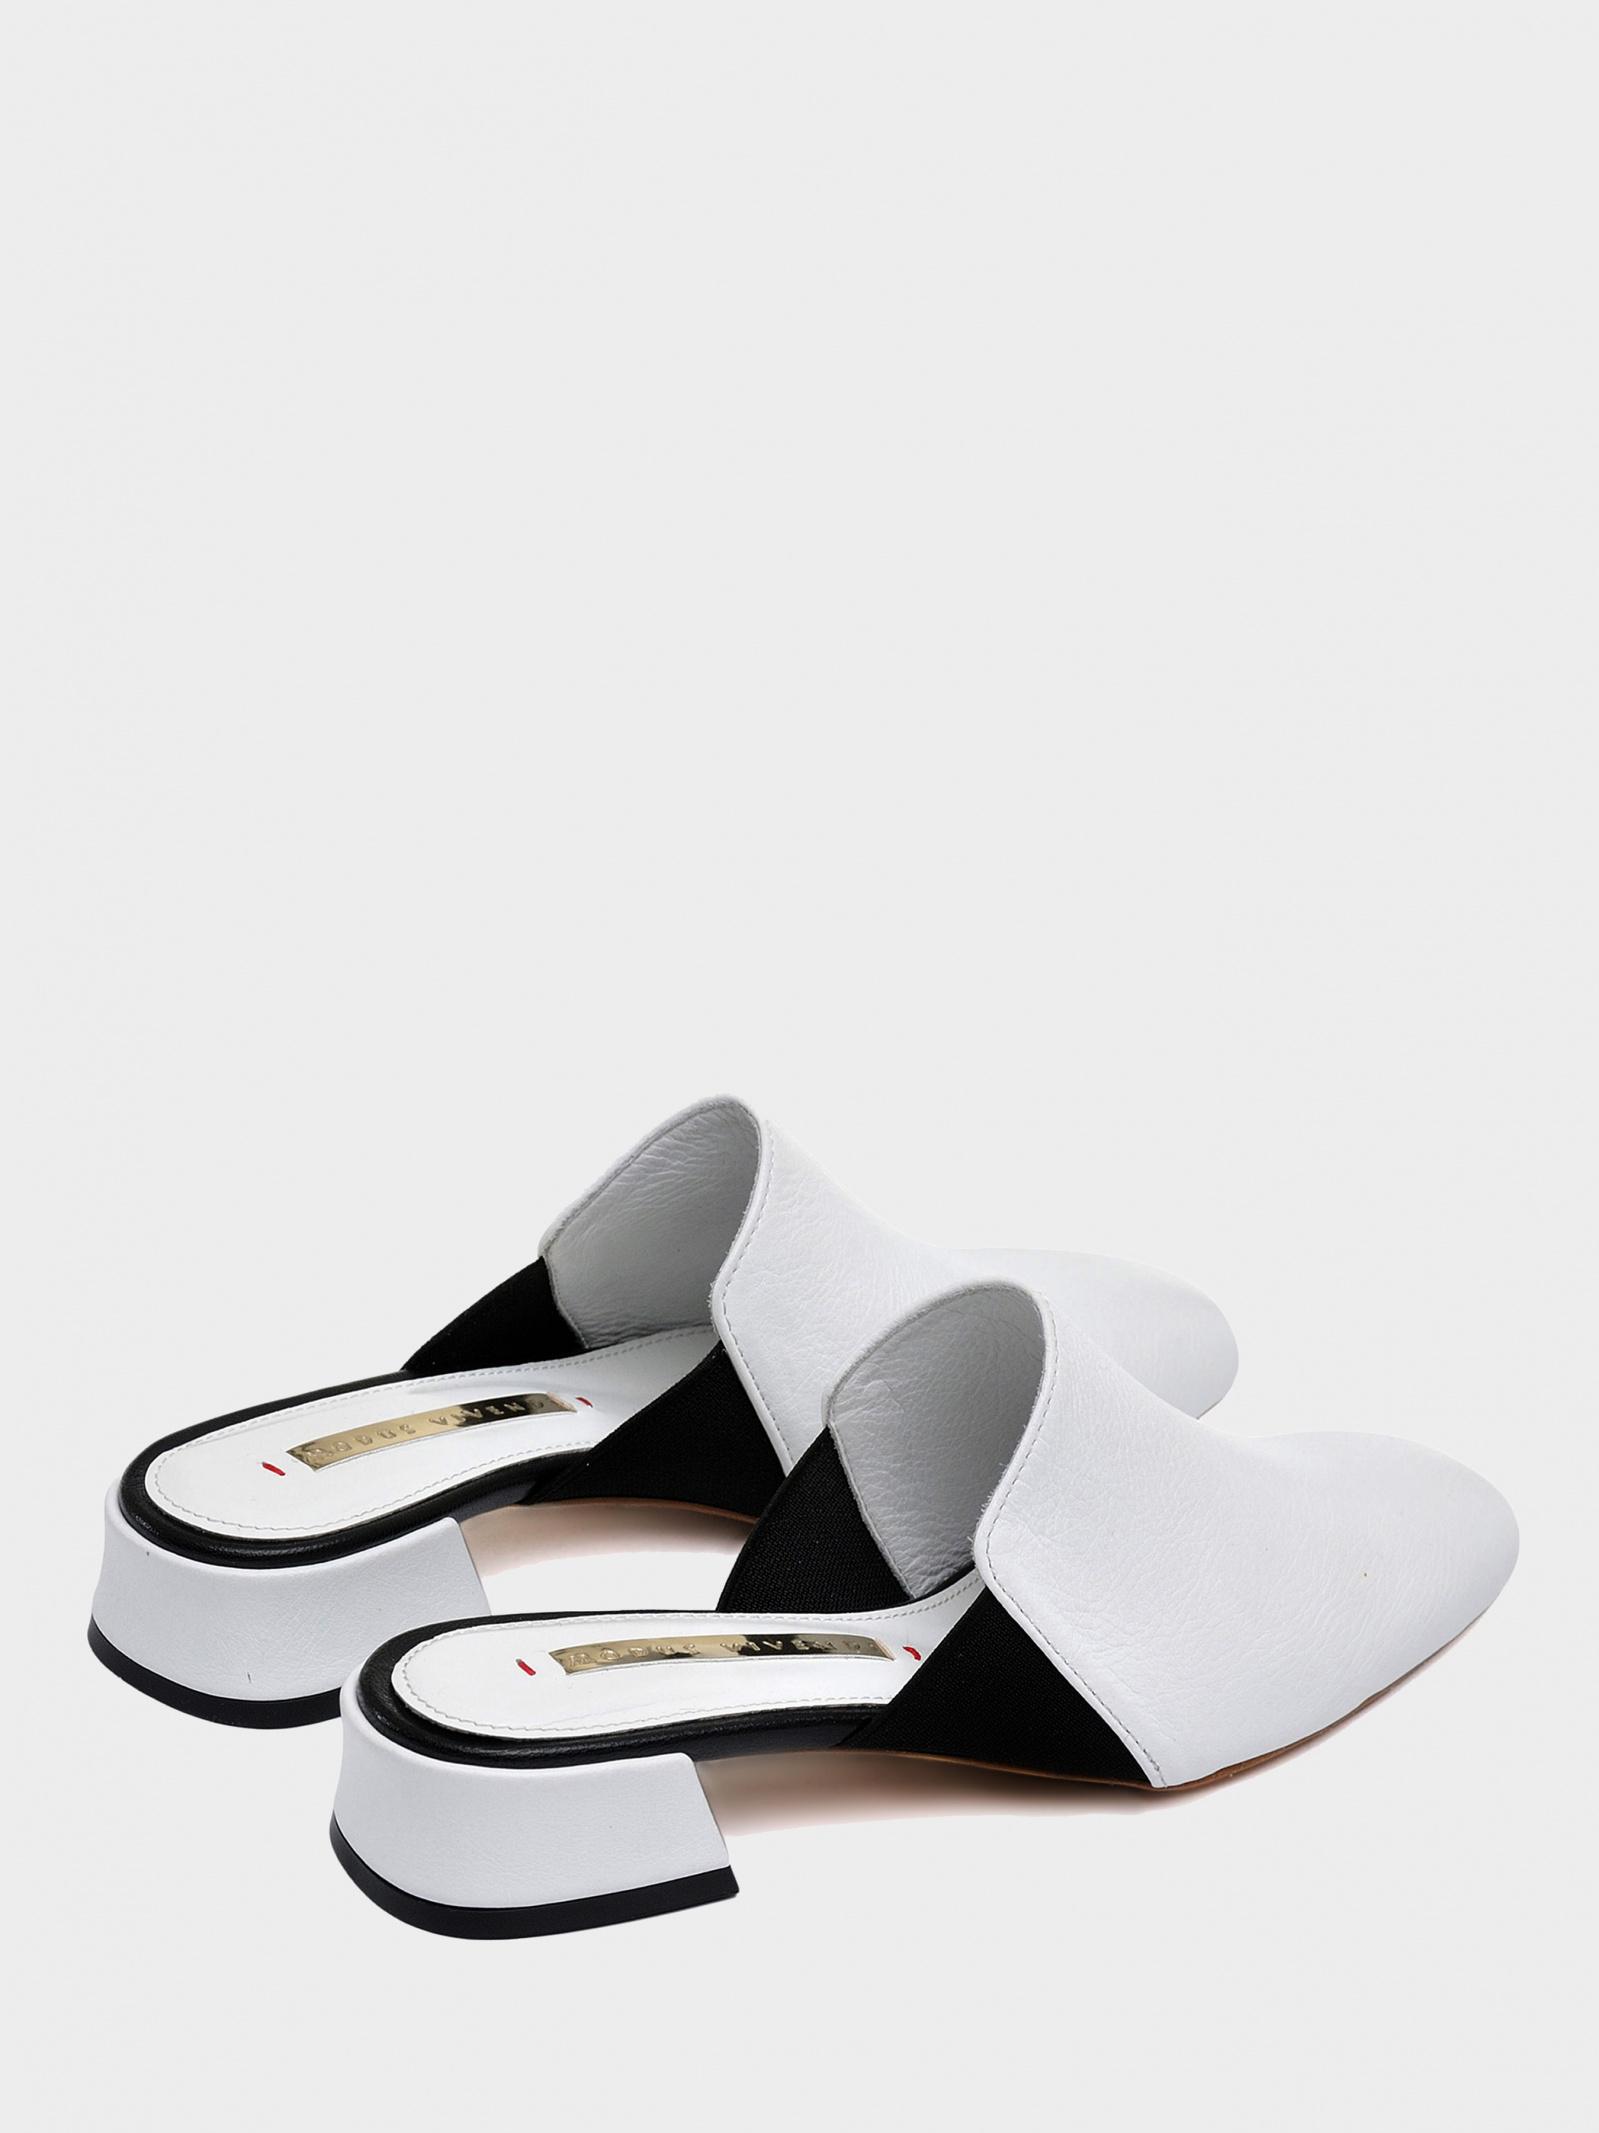 Туфлі  для жінок Modus Vivendi 887702 модне взуття, 2017